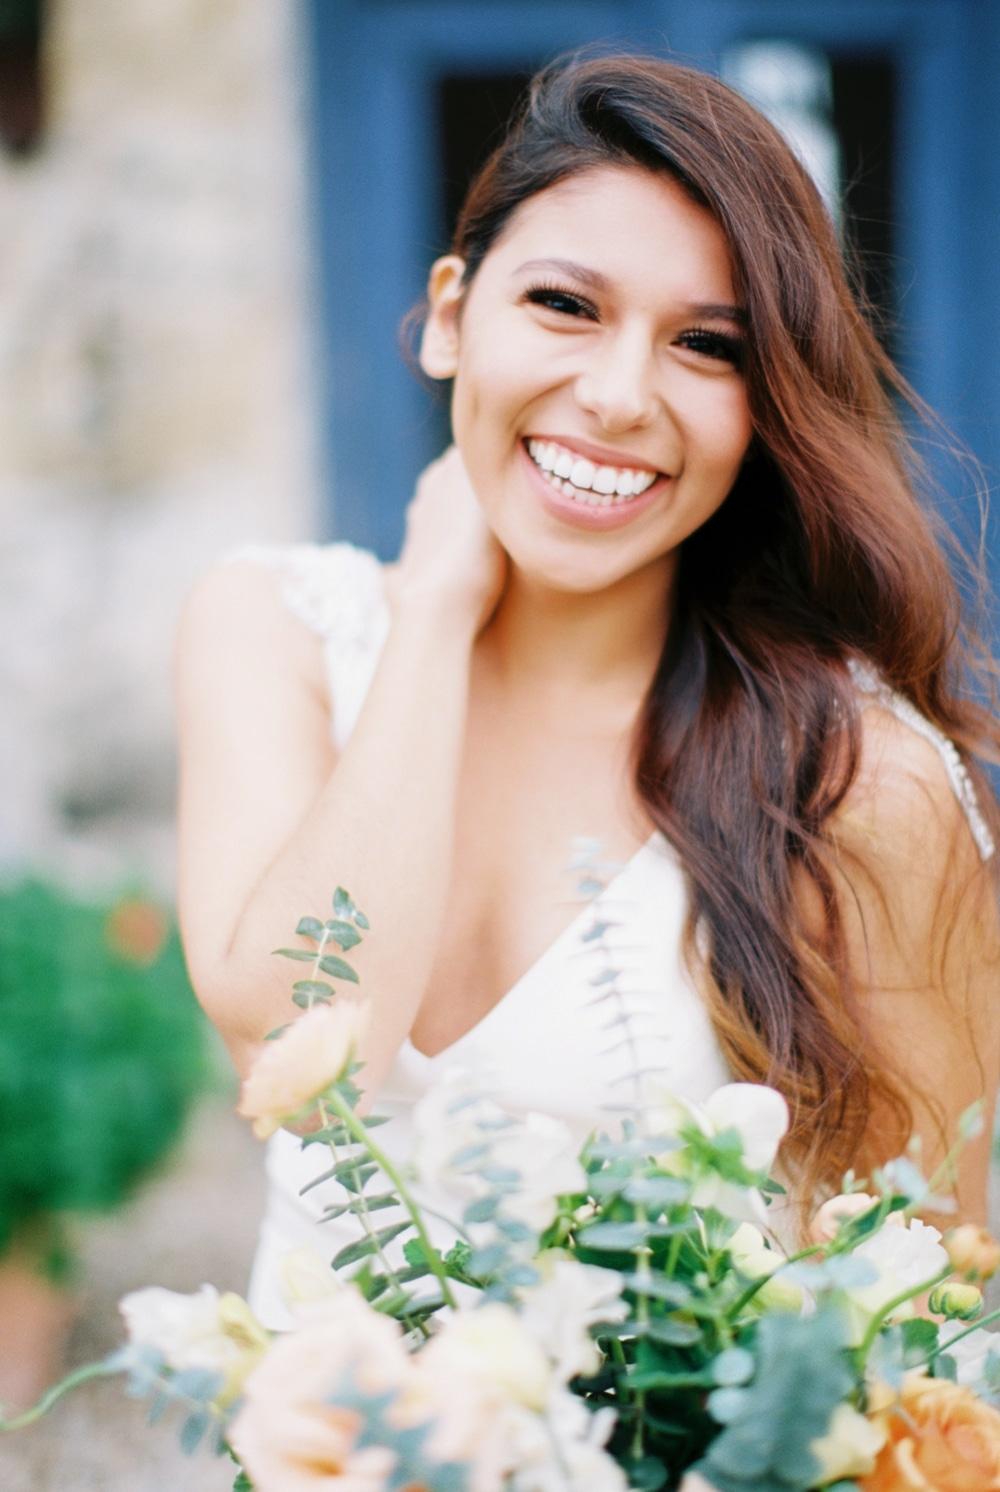 Kristin-La-Voie-Photography-Le-San-Michele-Austin-Wedding-Photographer-11